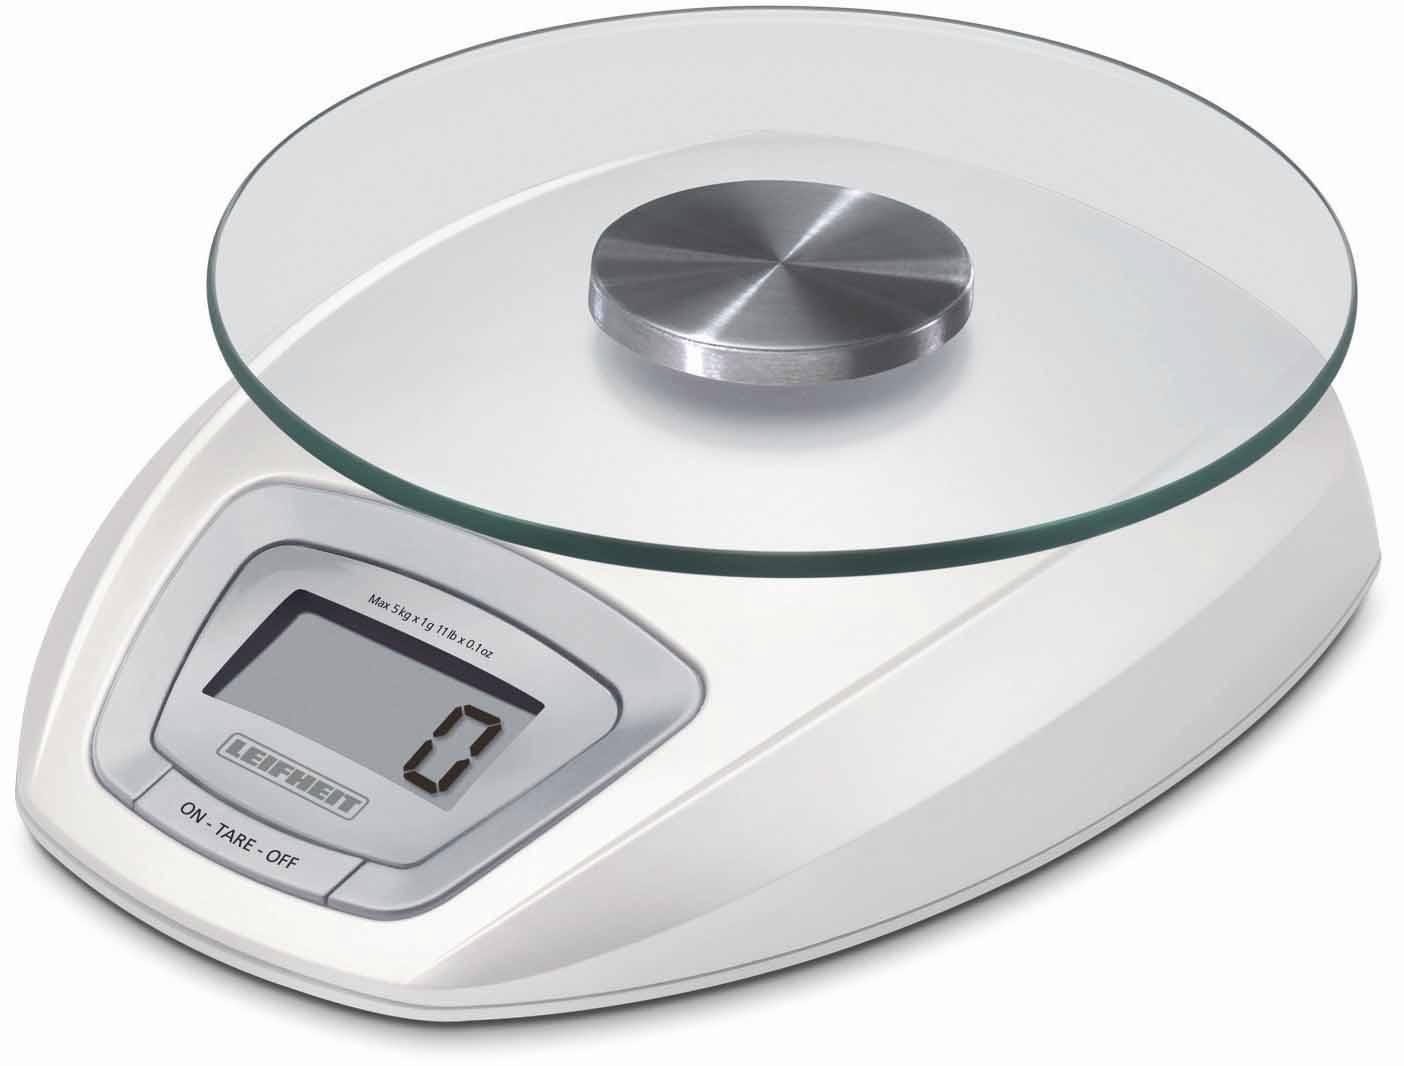 Leifheit Küchenwaage, mit LED Anzeige, Wiegeteller abnehmbar